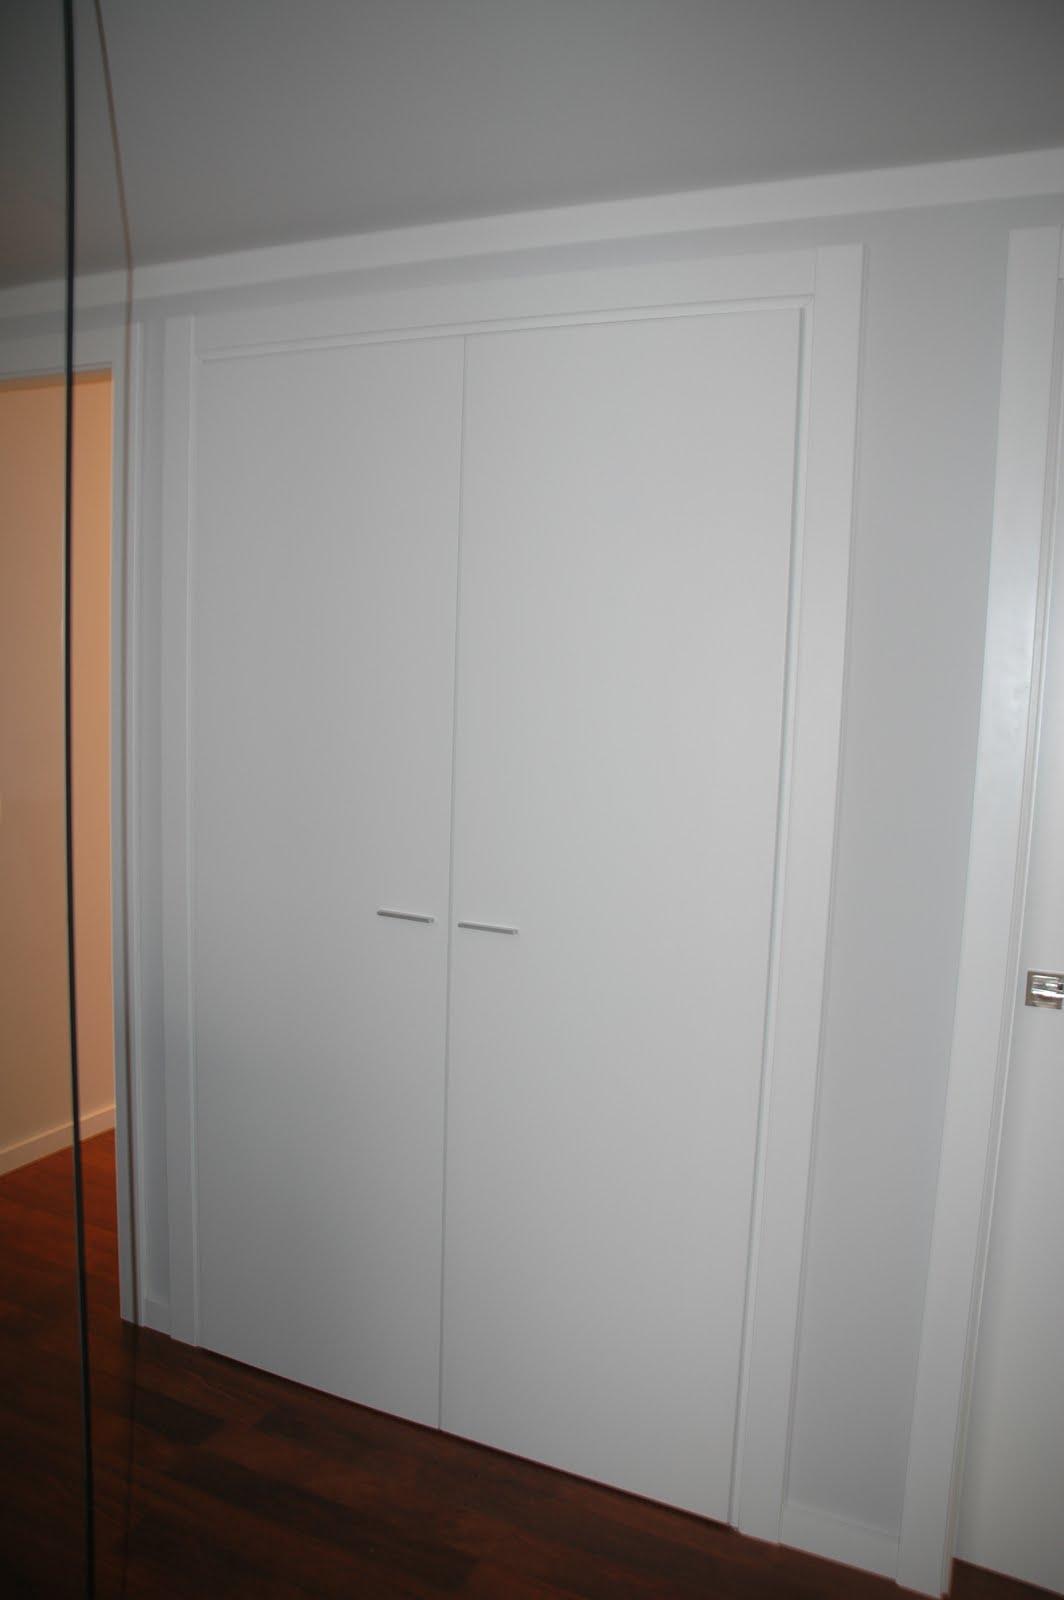 Carpinteria viosca roda armario empotrado - Frentes de armarios de cocina ...